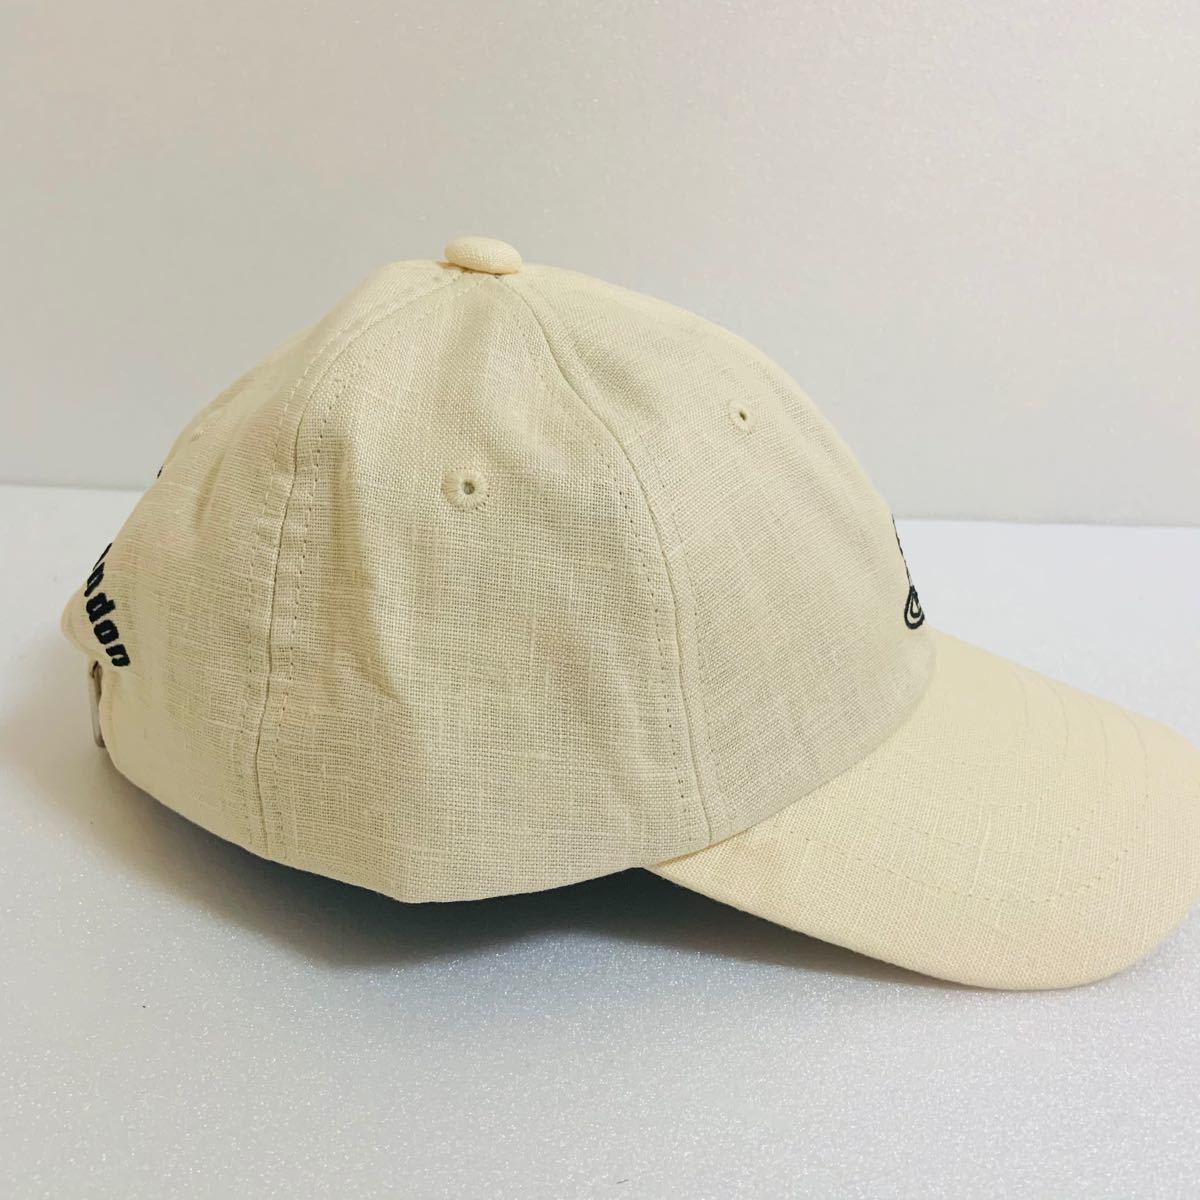 ヴィヴィアン・ウエストウッド Vivienne Westwood キャップ 帽子